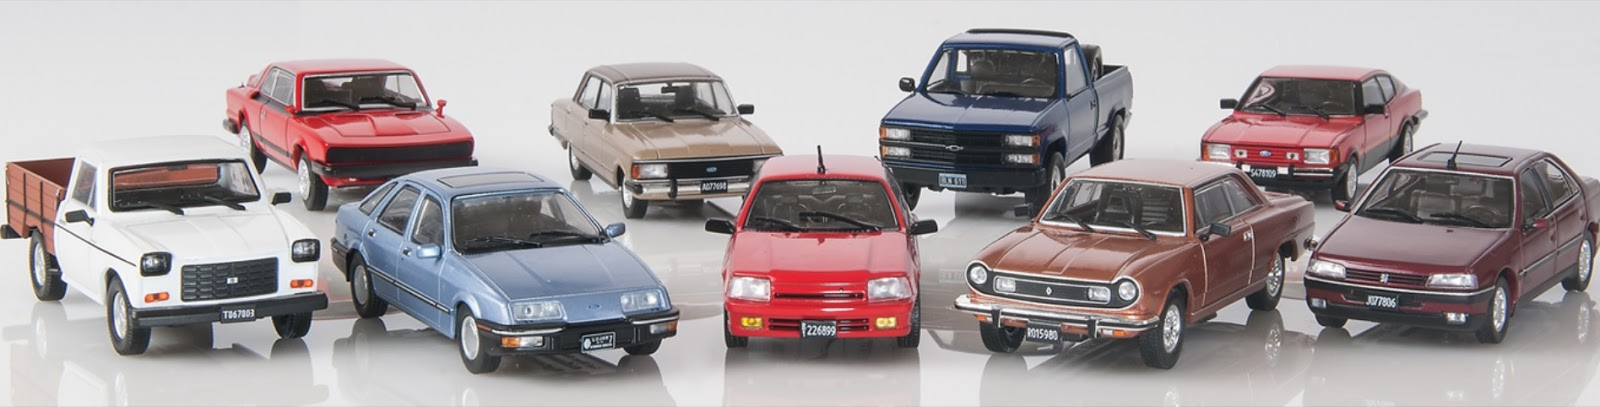 autos inolvidables argentinos años 80 90